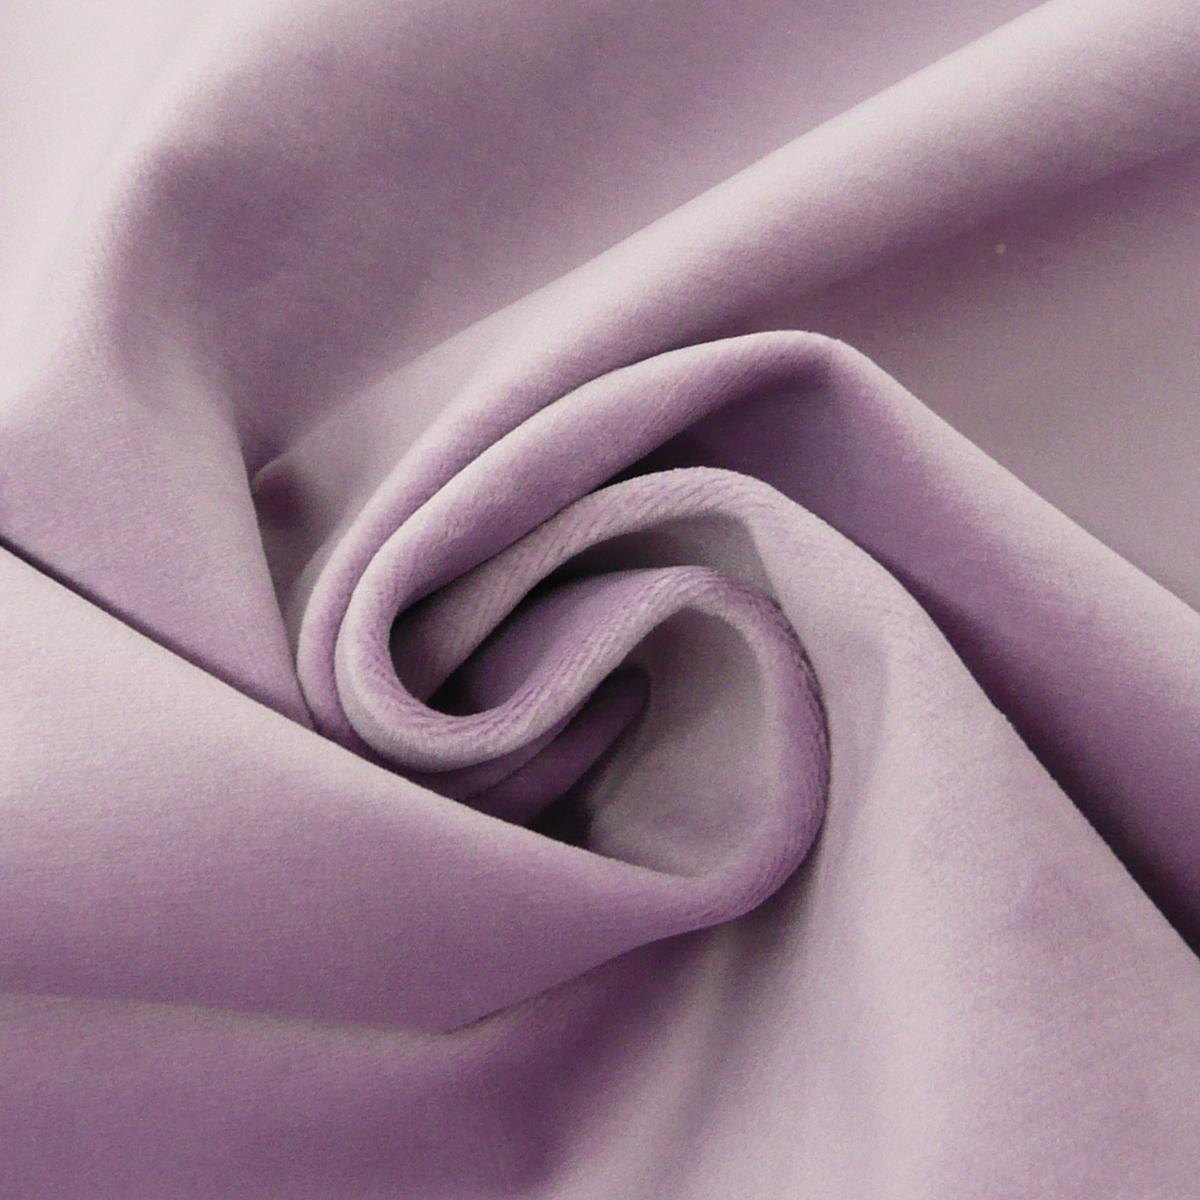 bezugsstoff polsterstoff samtstoff samt pastell flieder lila alle stoffe stoffe uni samt. Black Bedroom Furniture Sets. Home Design Ideas